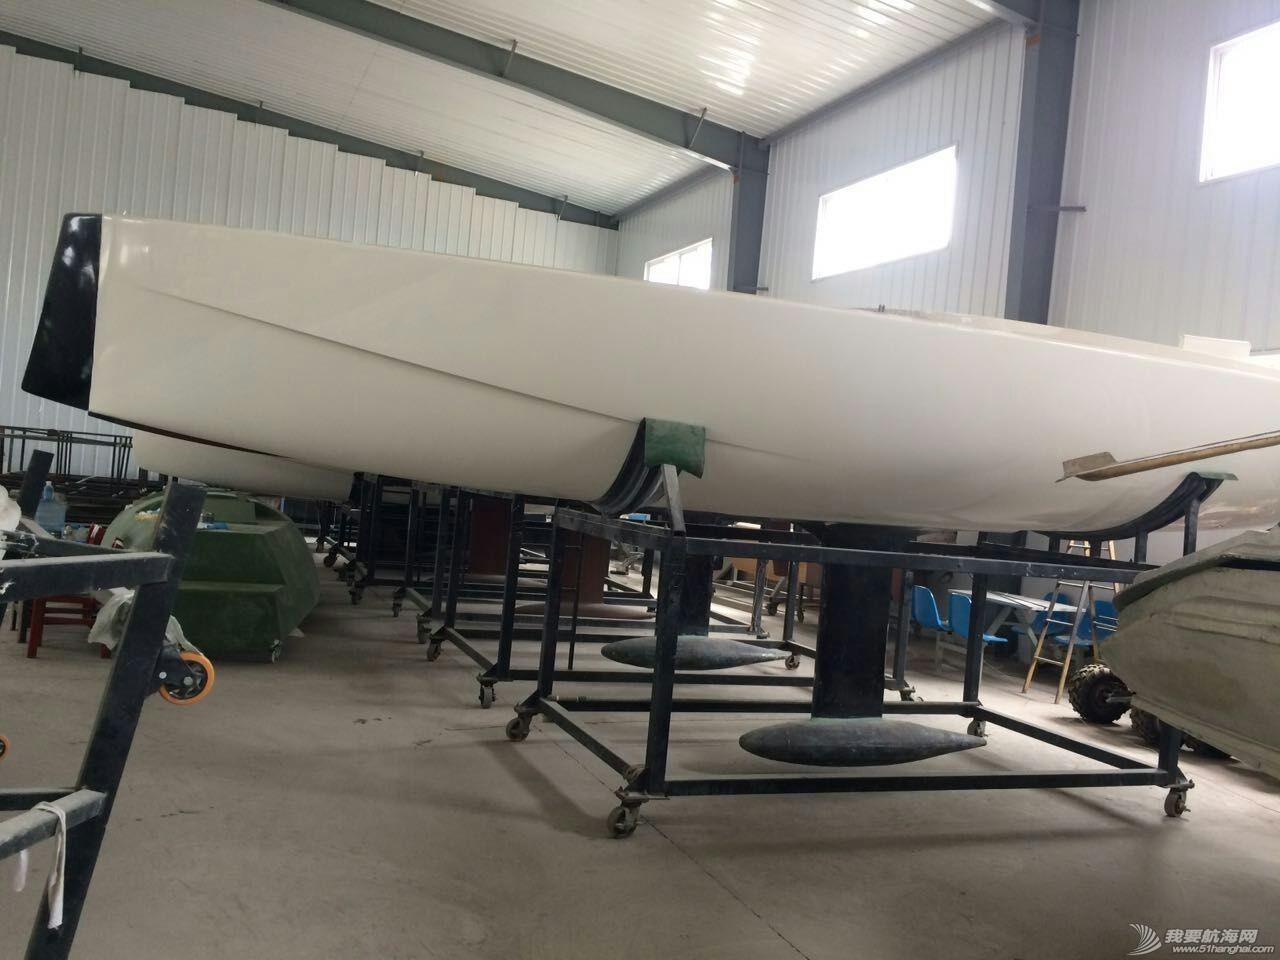 帆船,二手8米帆船,低价出售 8米帆船低价出售